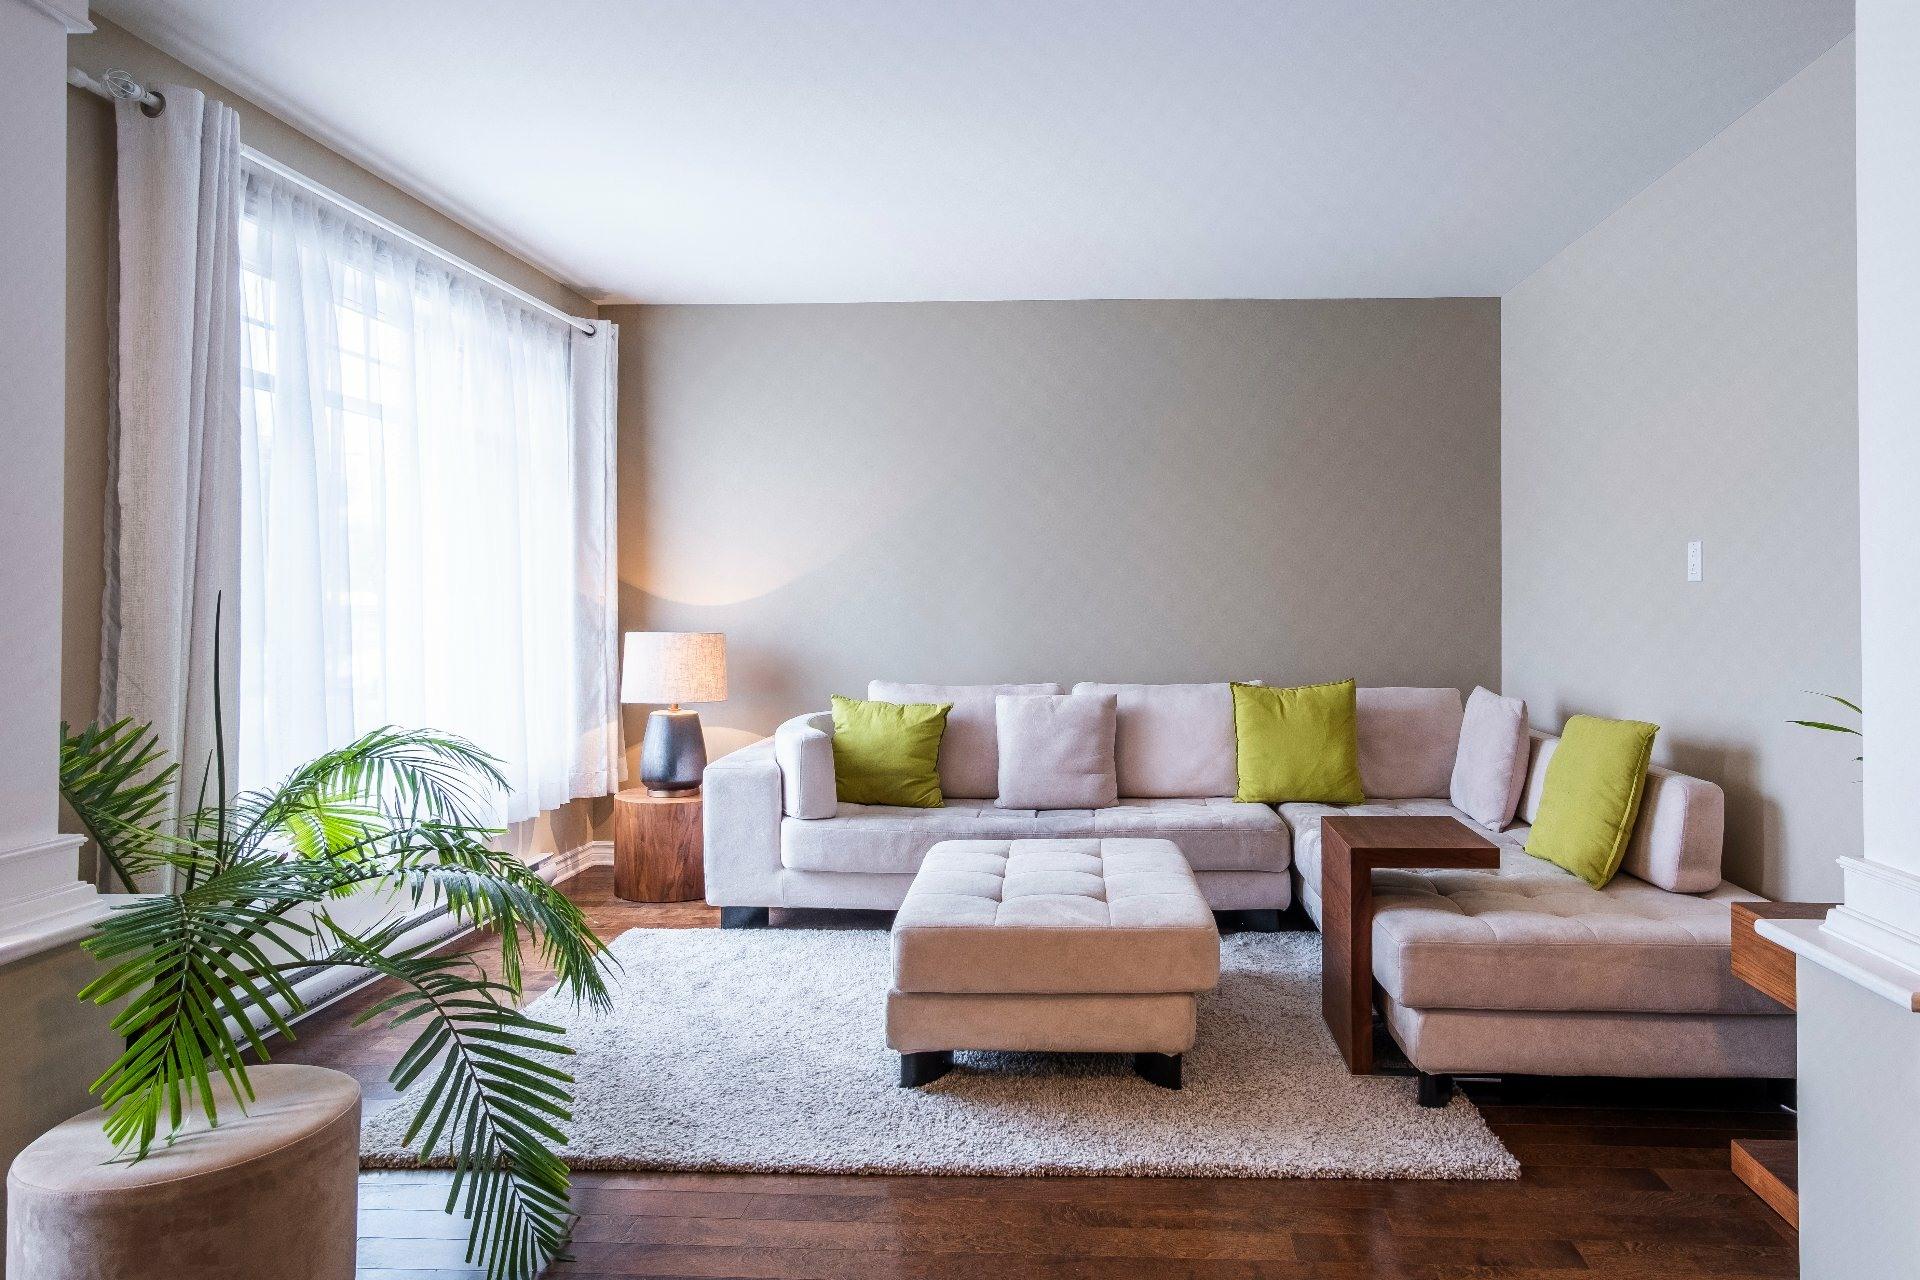 image 5 - Appartement À vendre Lachine Montréal  - 9 pièces